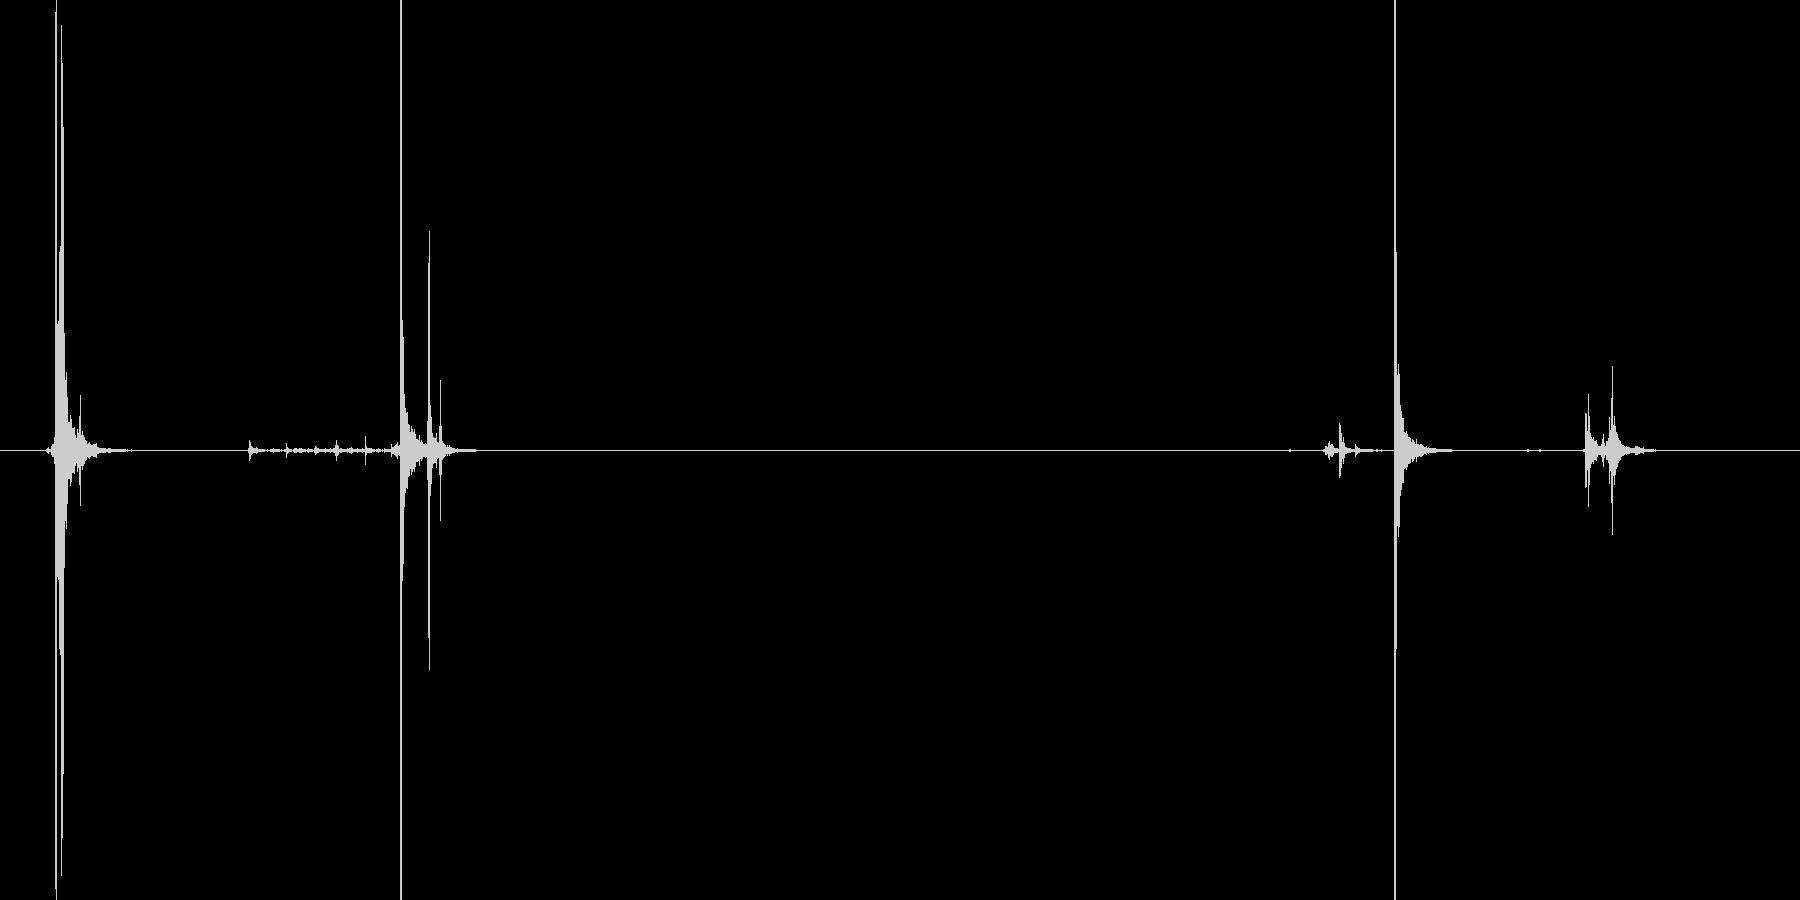 ケースの金具の開閉音の未再生の波形